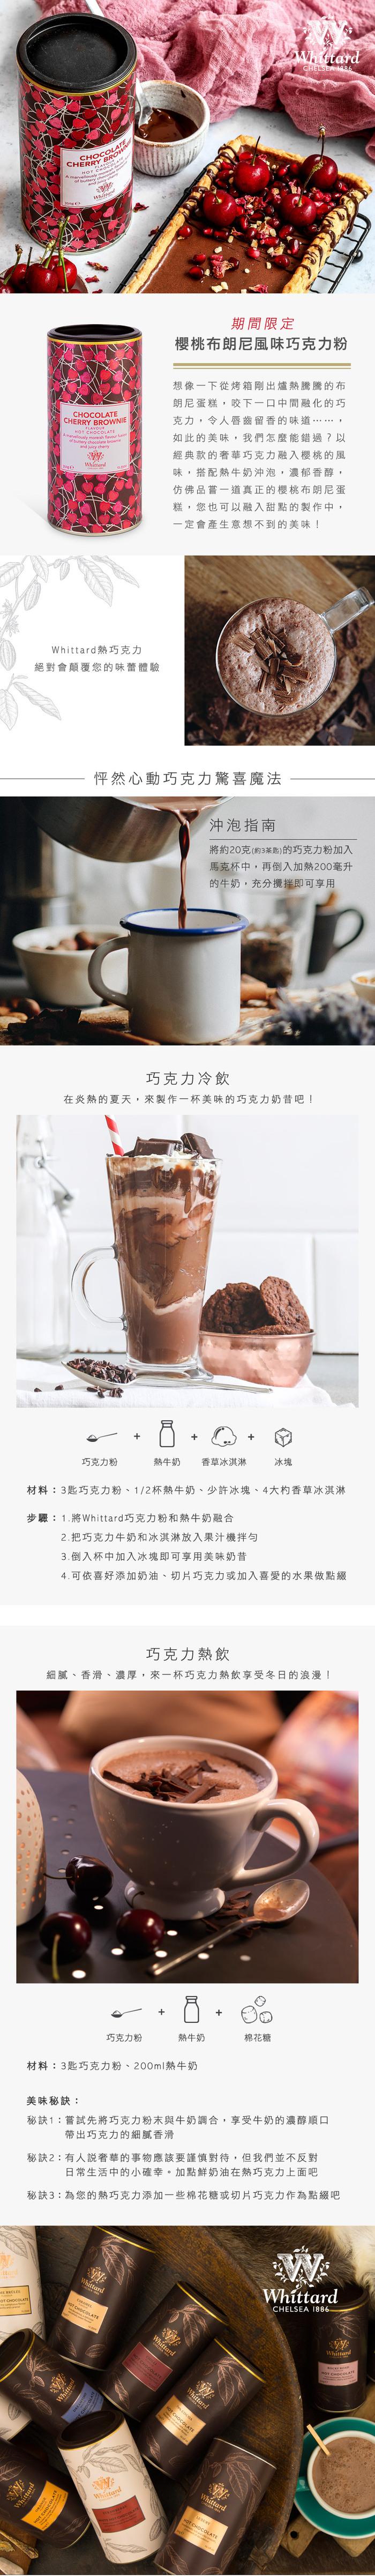 Whittard  | 限量版 櫻桃布朗尼風味巧克力粉